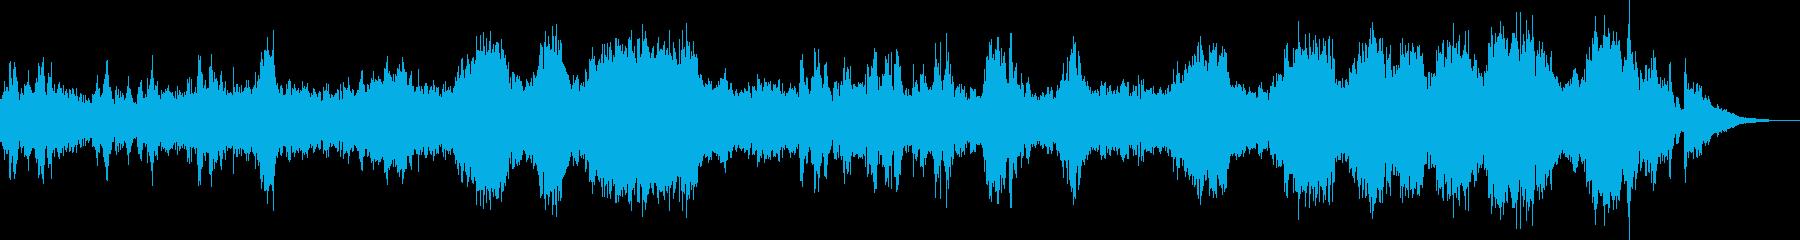 癒しのピアノの再生済みの波形